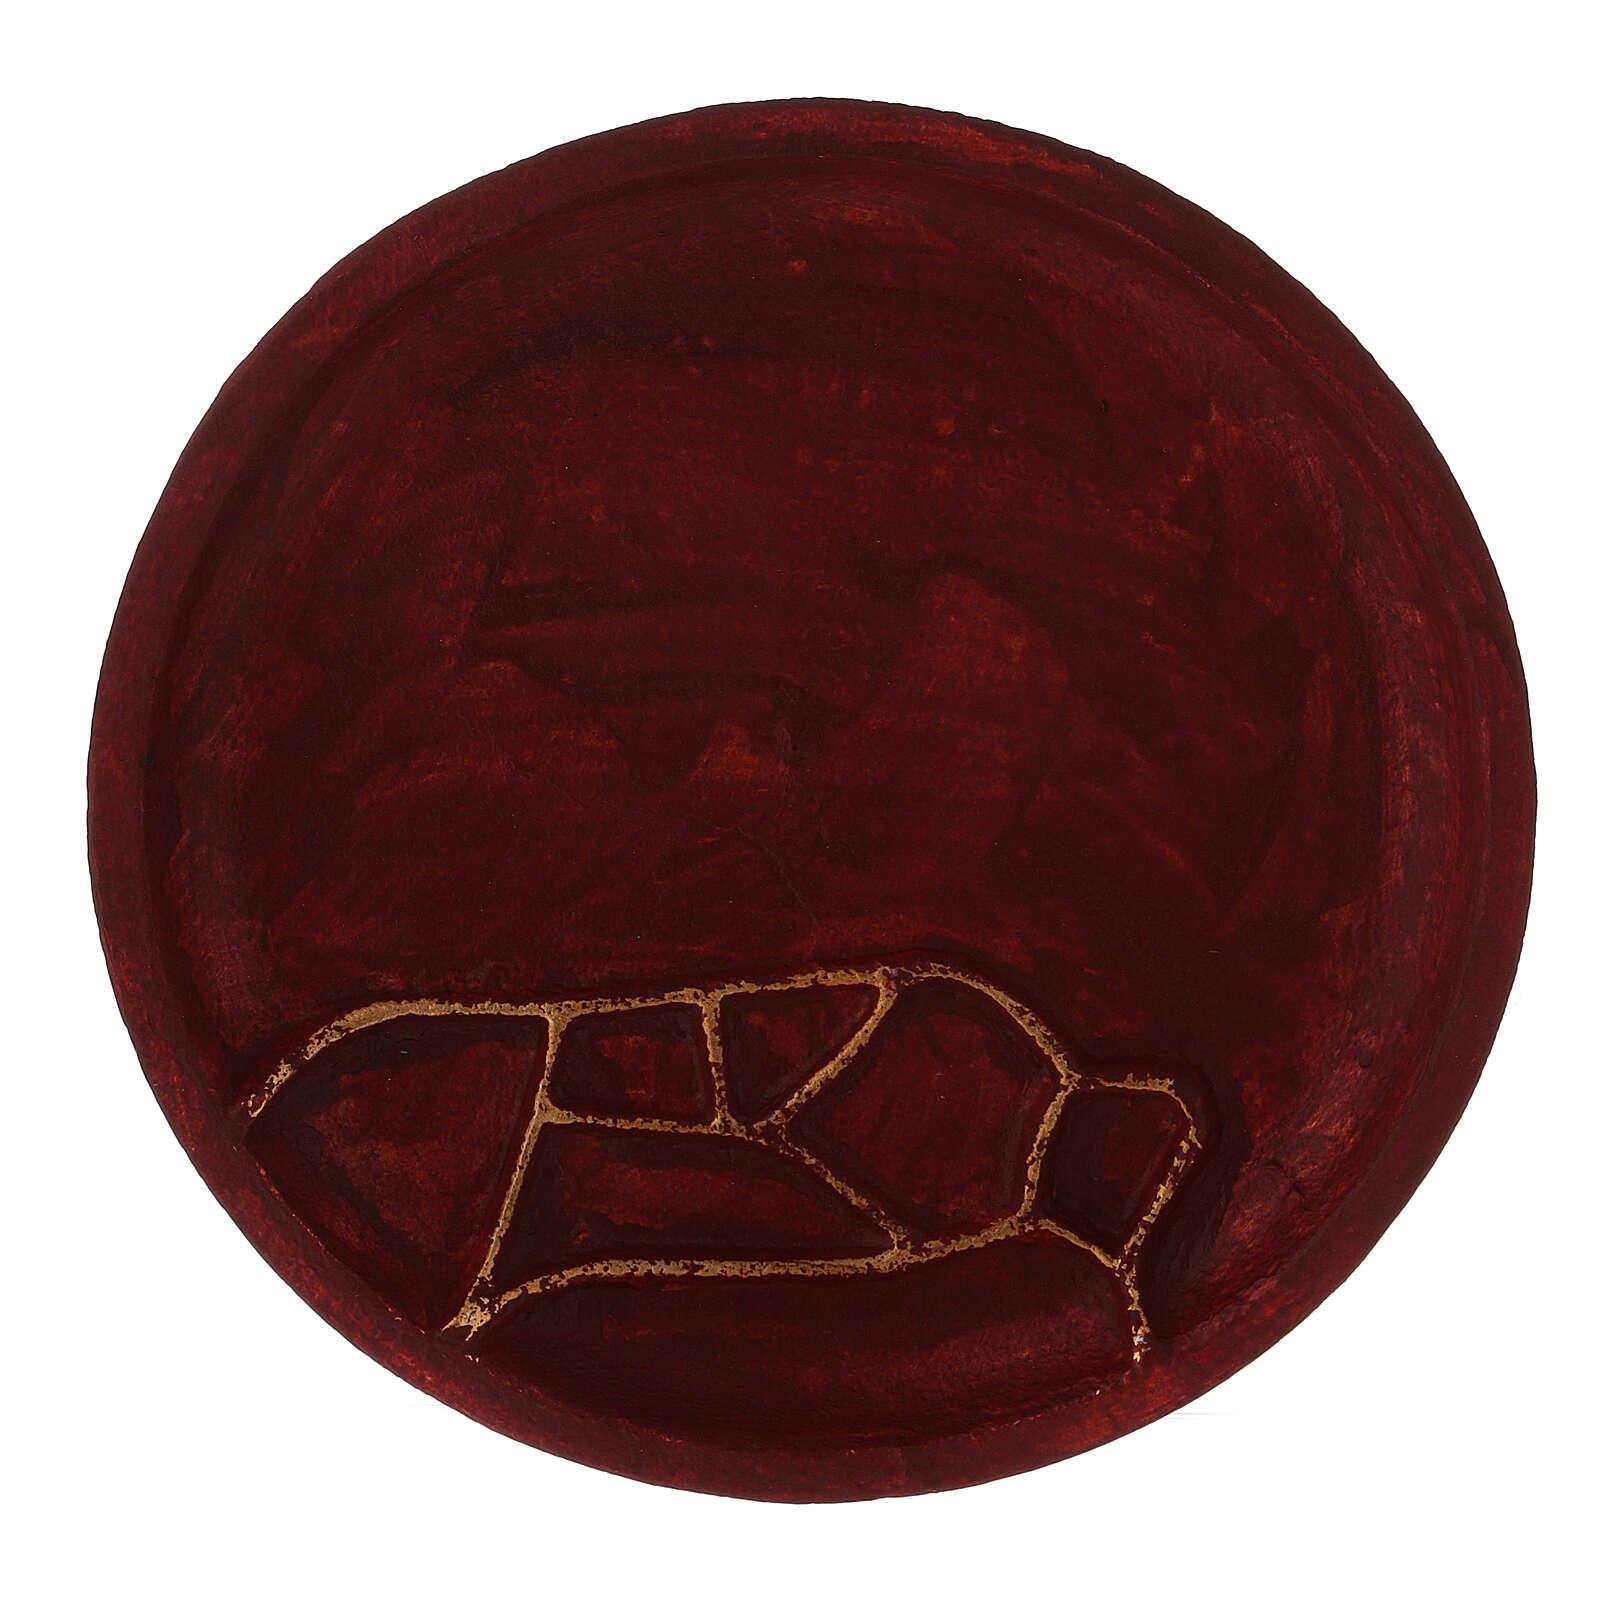 Assiette pour bougie aluminium rouge décoration abstraite diam. 14 cm 3